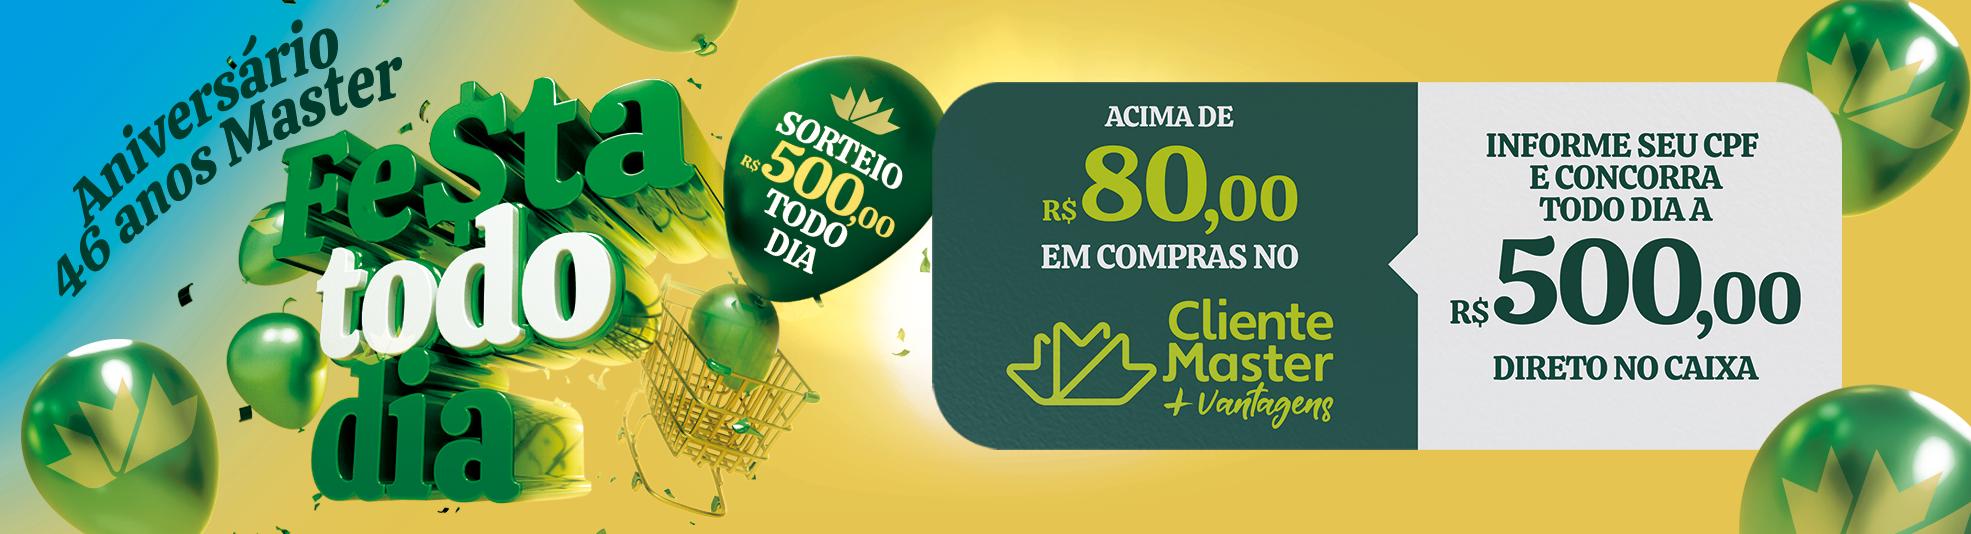 """Master comemora 46 anos e lança a promoção """"Festa Todo Dia"""" SP"""